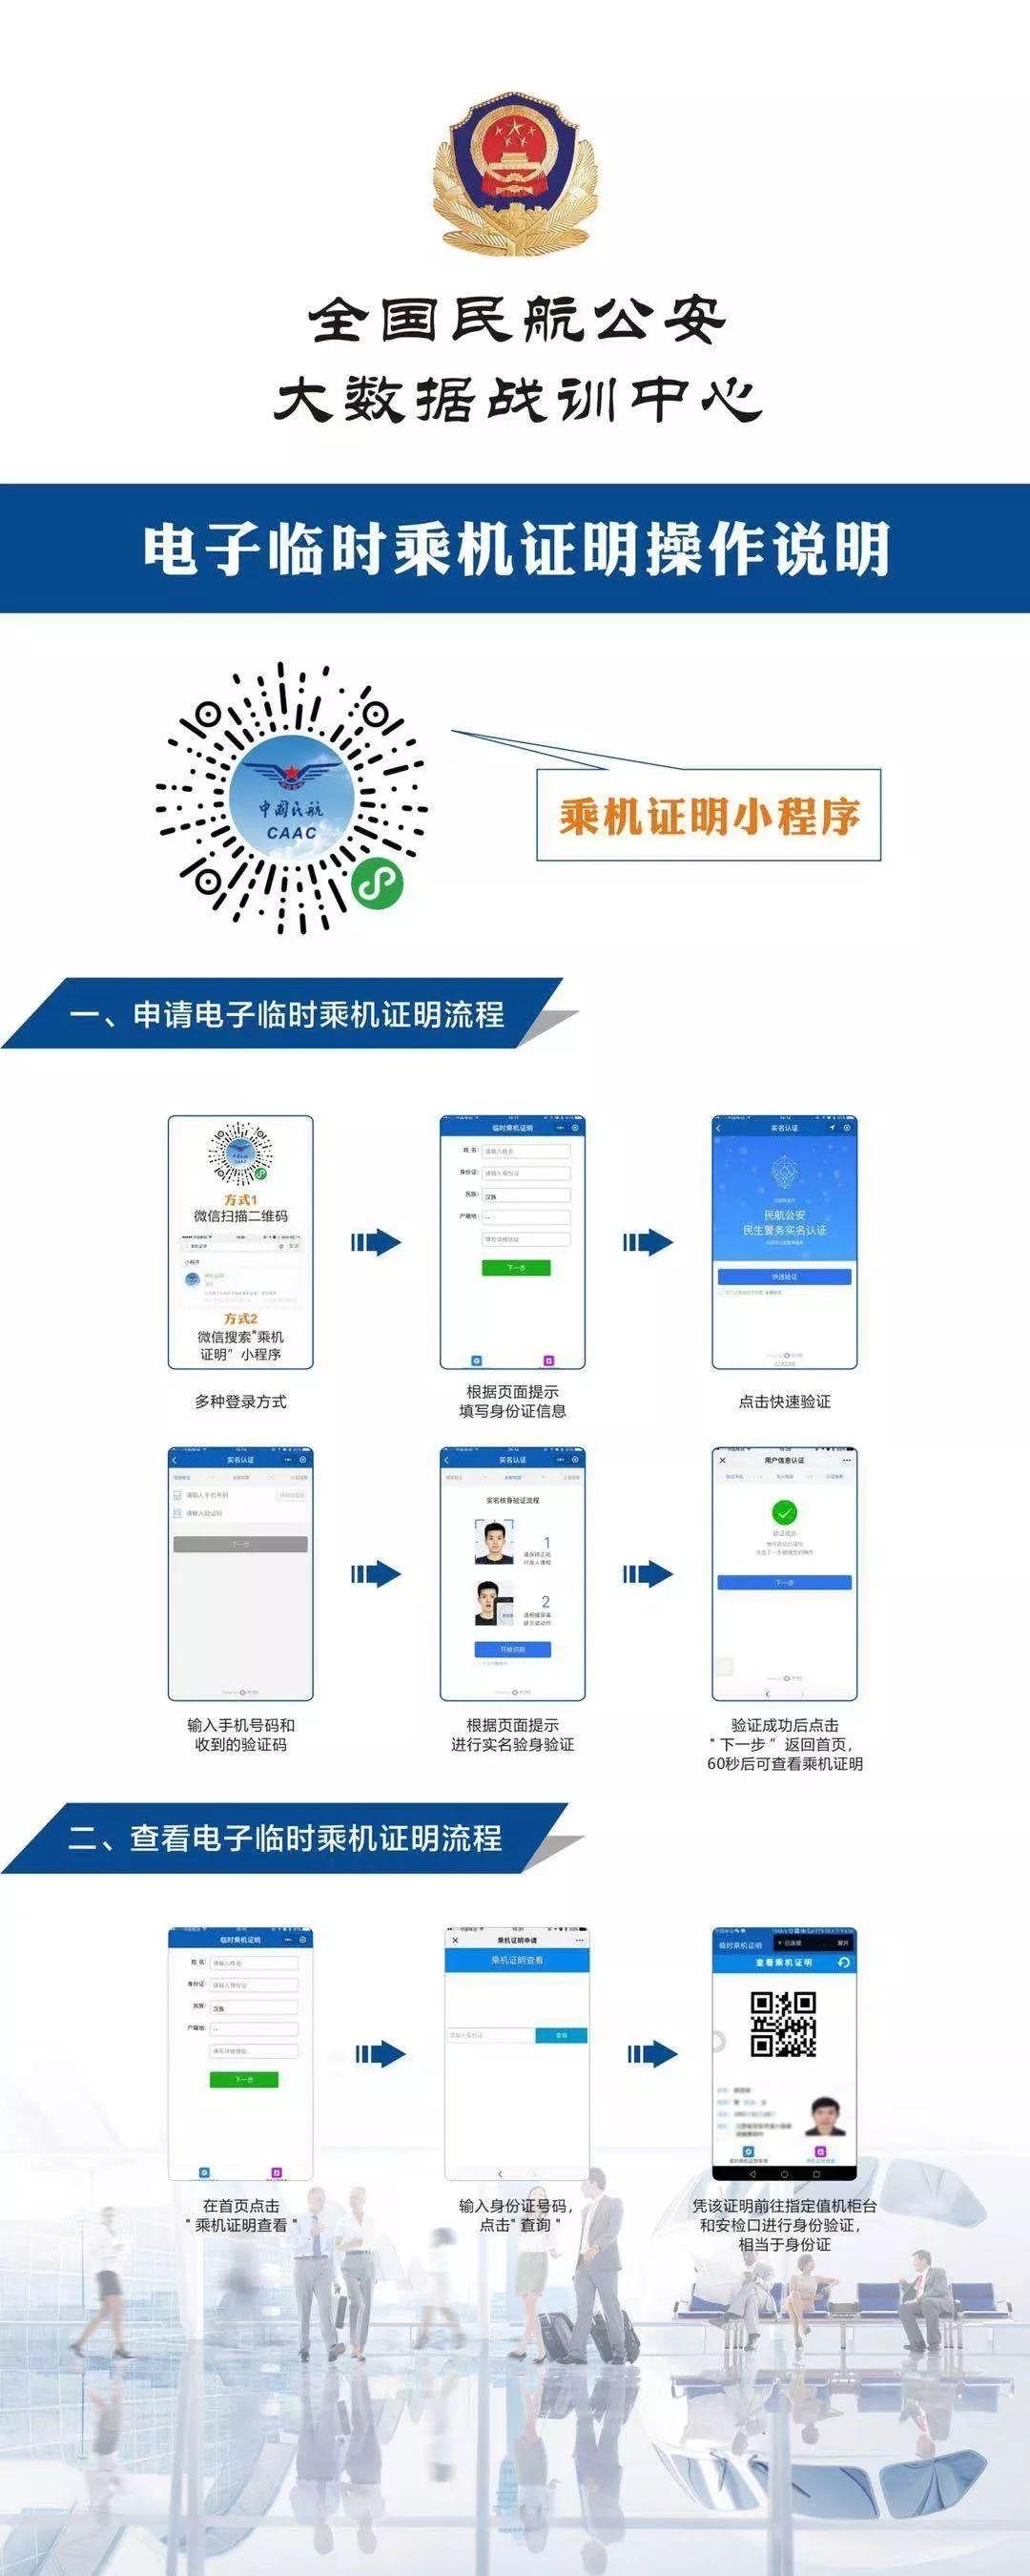 电子临时乘机证明操作说明 图片来源:中国大发棋牌公安在线